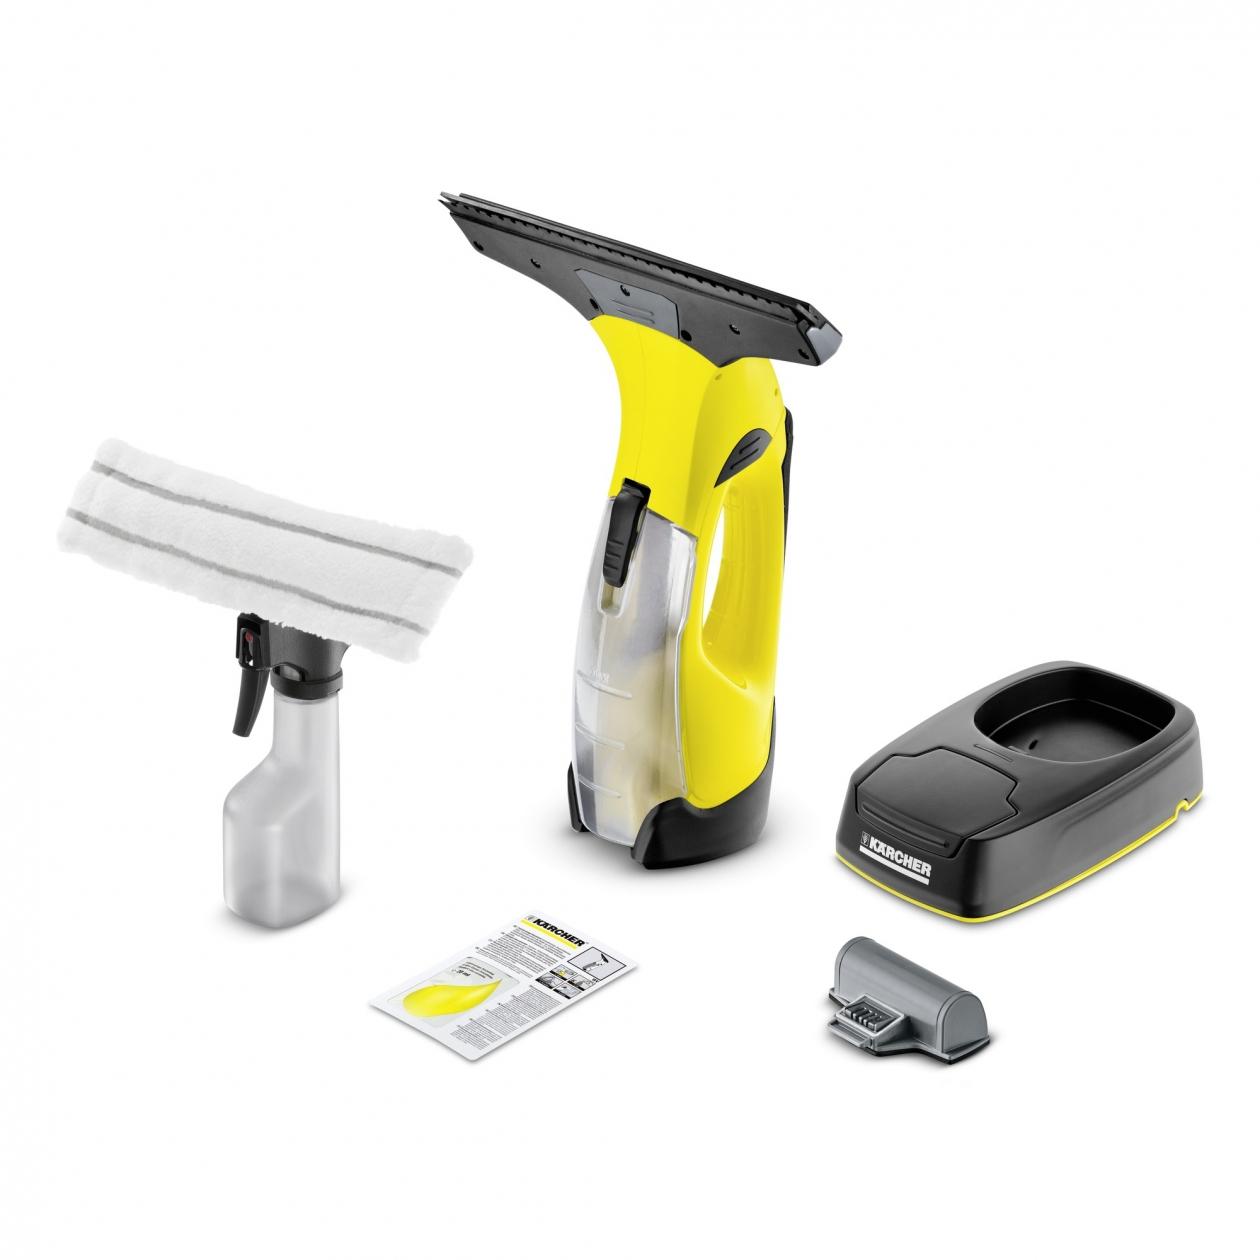 Kärcher WV 5 Plus Non-Stop Cleaning Kit 0.1L Nero, Giallo pulitore di finestra elettrico 4054278095646 1.633-443.0 04_90623117